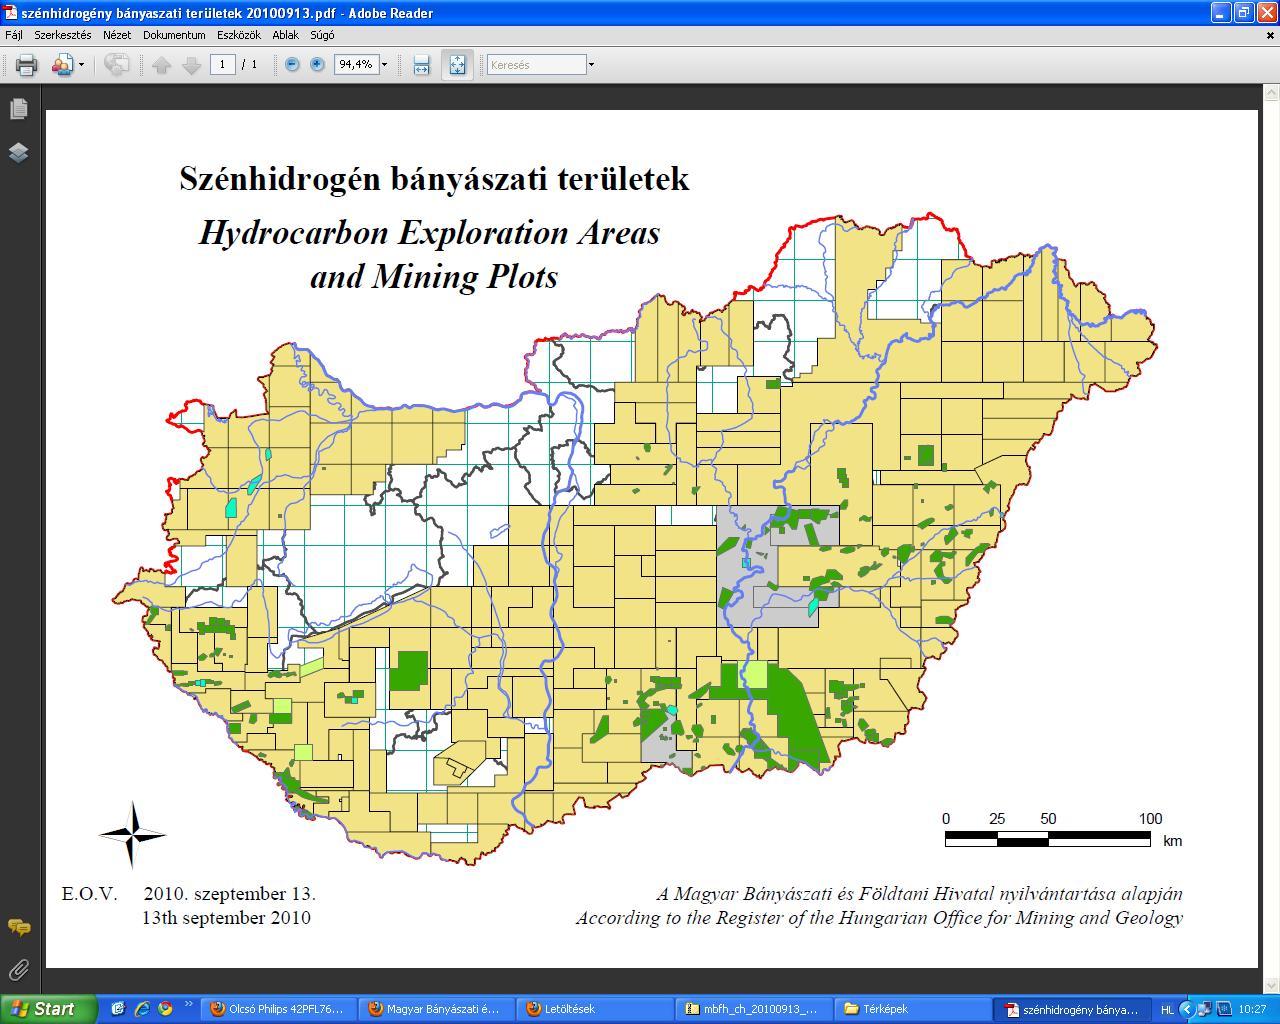 Szénhidrogén bányászati területek